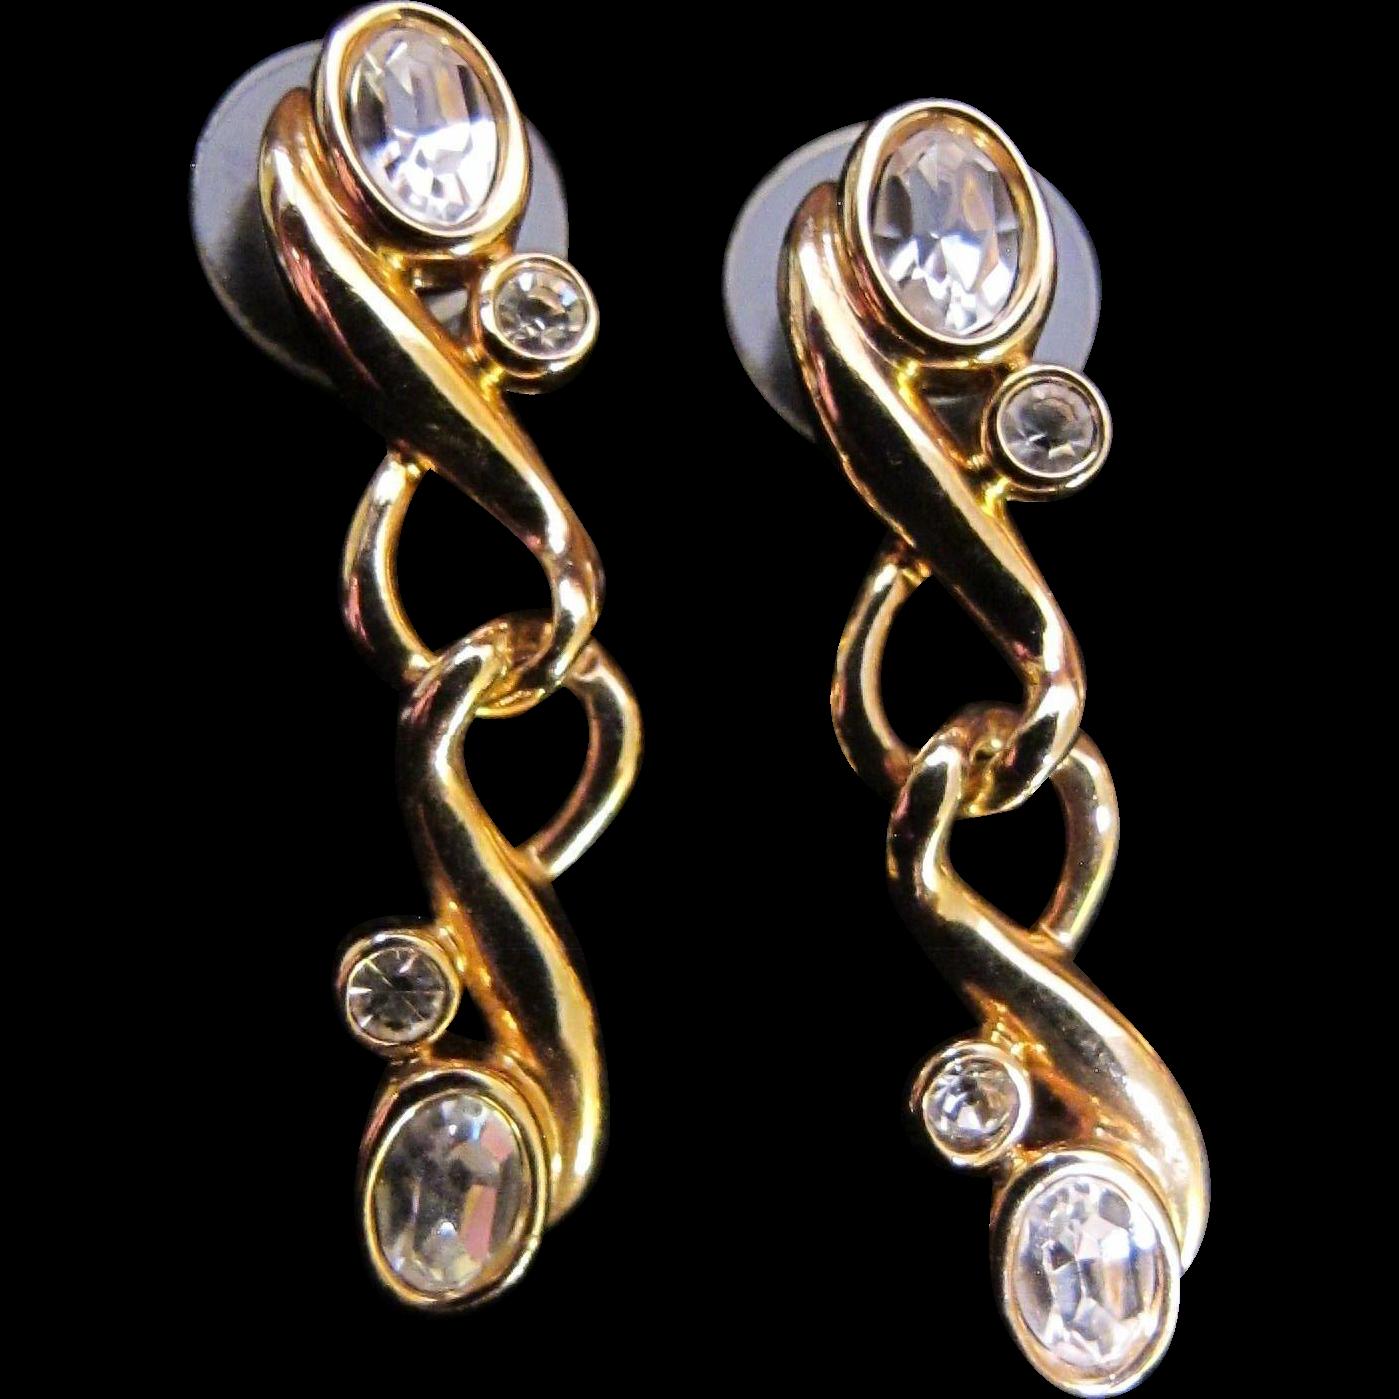 Vintage Swarovski Clear Crystal Dangle Pierced Earrings